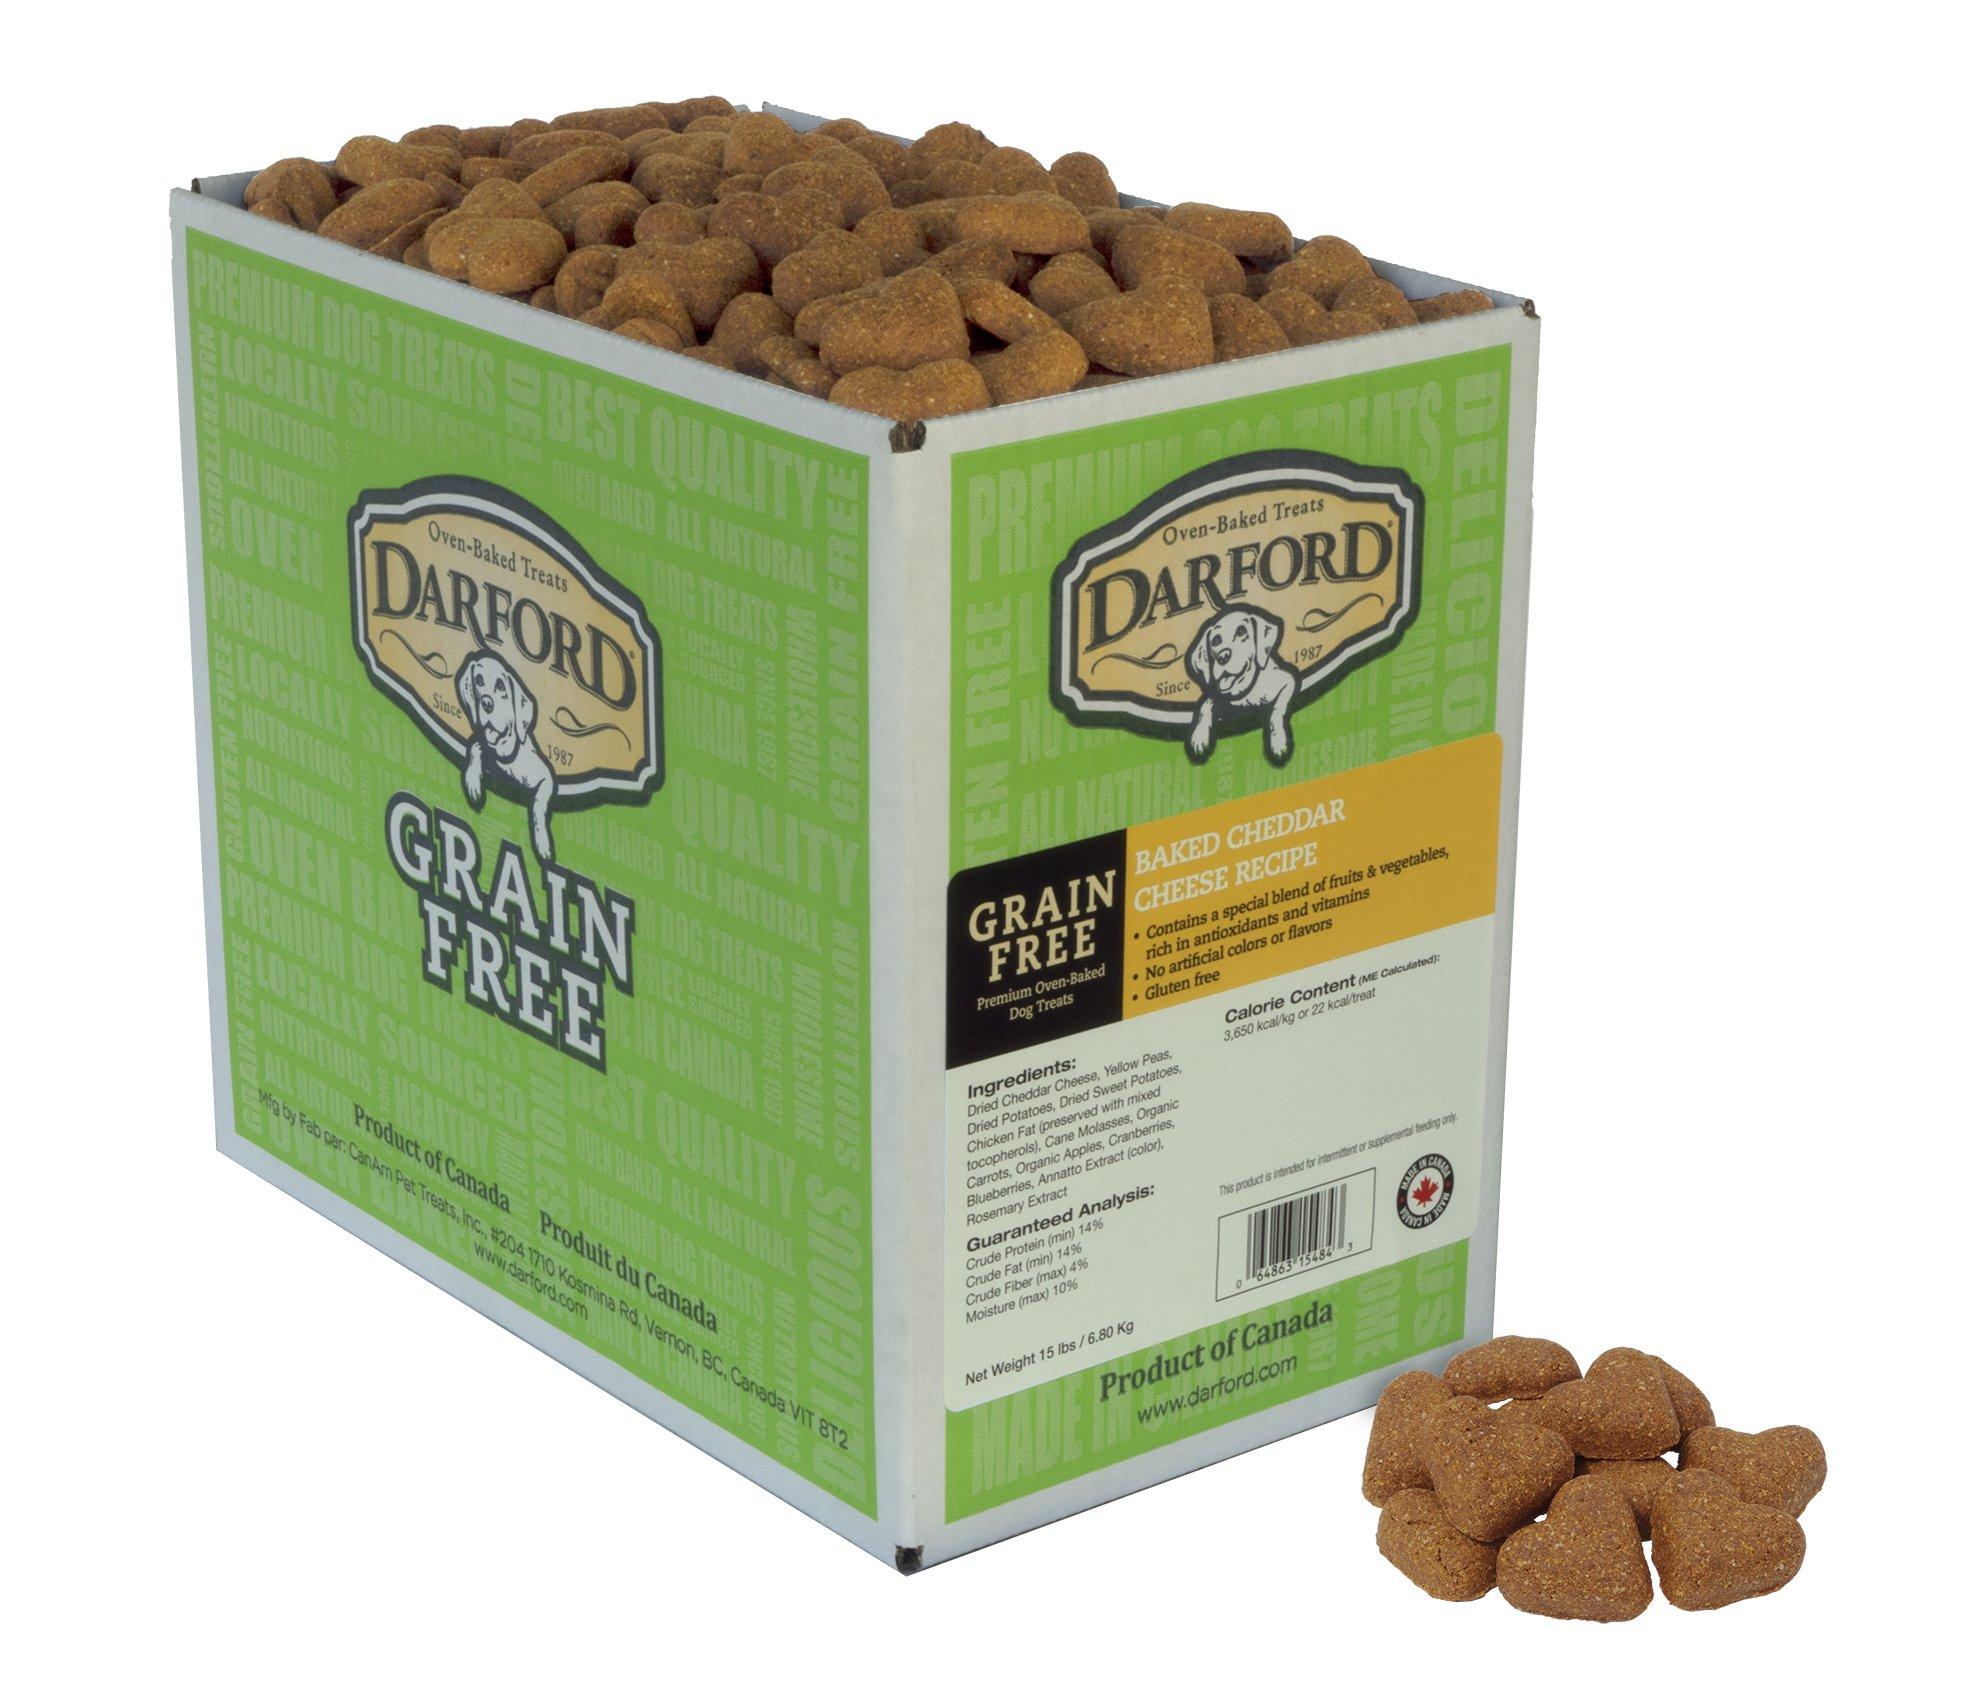 Grain Free Cheddar Cheese Recipe Dog Treats, 15 lb by Darford